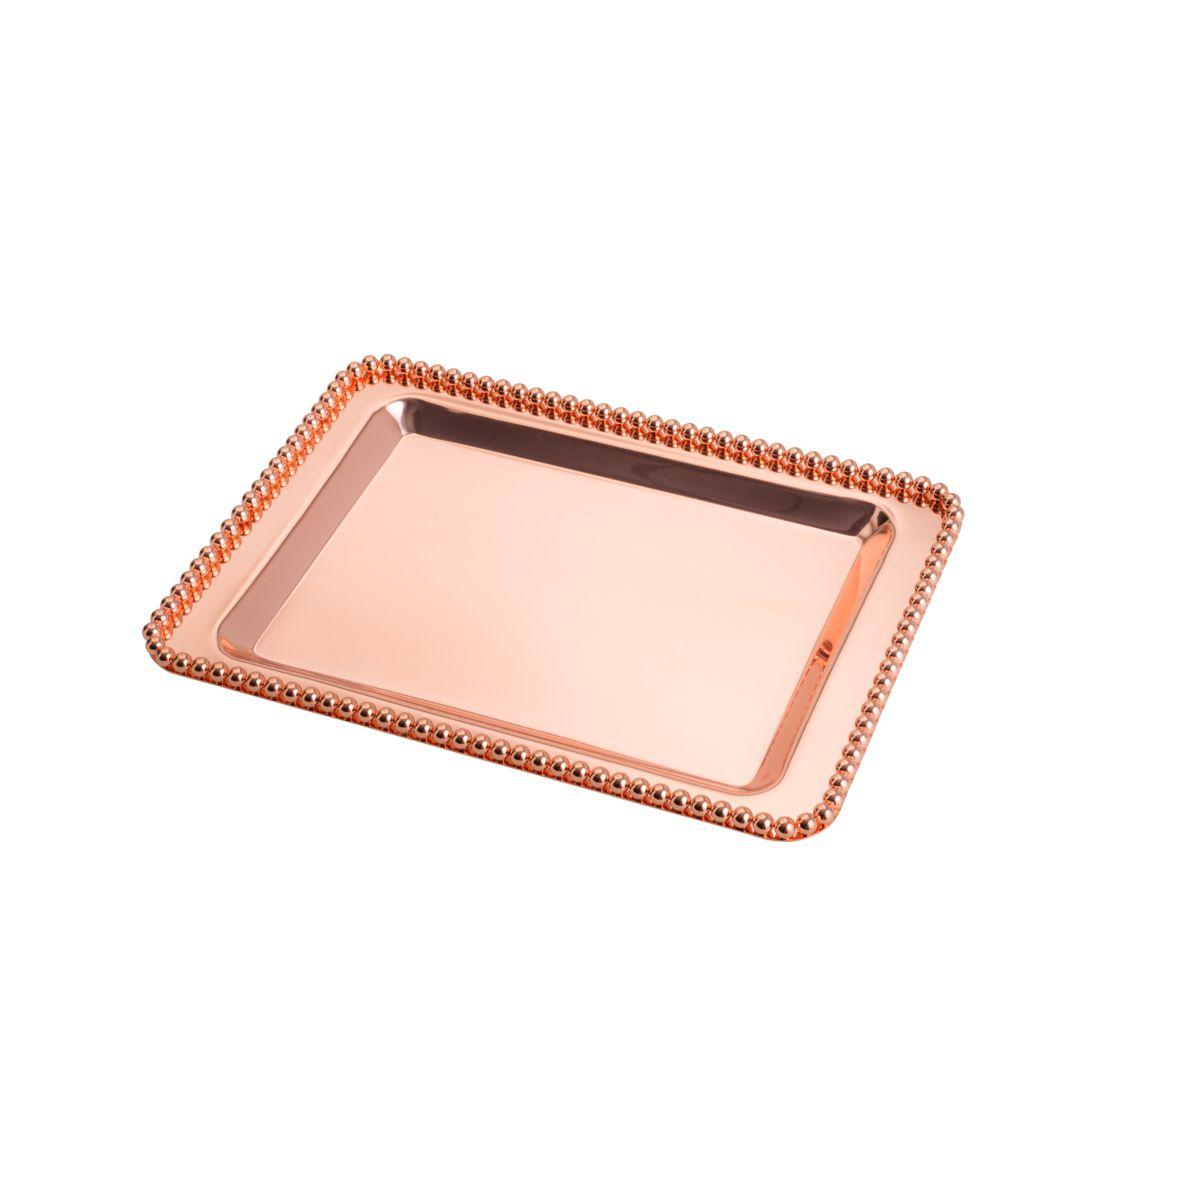 Bandeja retangular 28 cm de zamac Rosé Gold com pés Balls Lyor - L4240